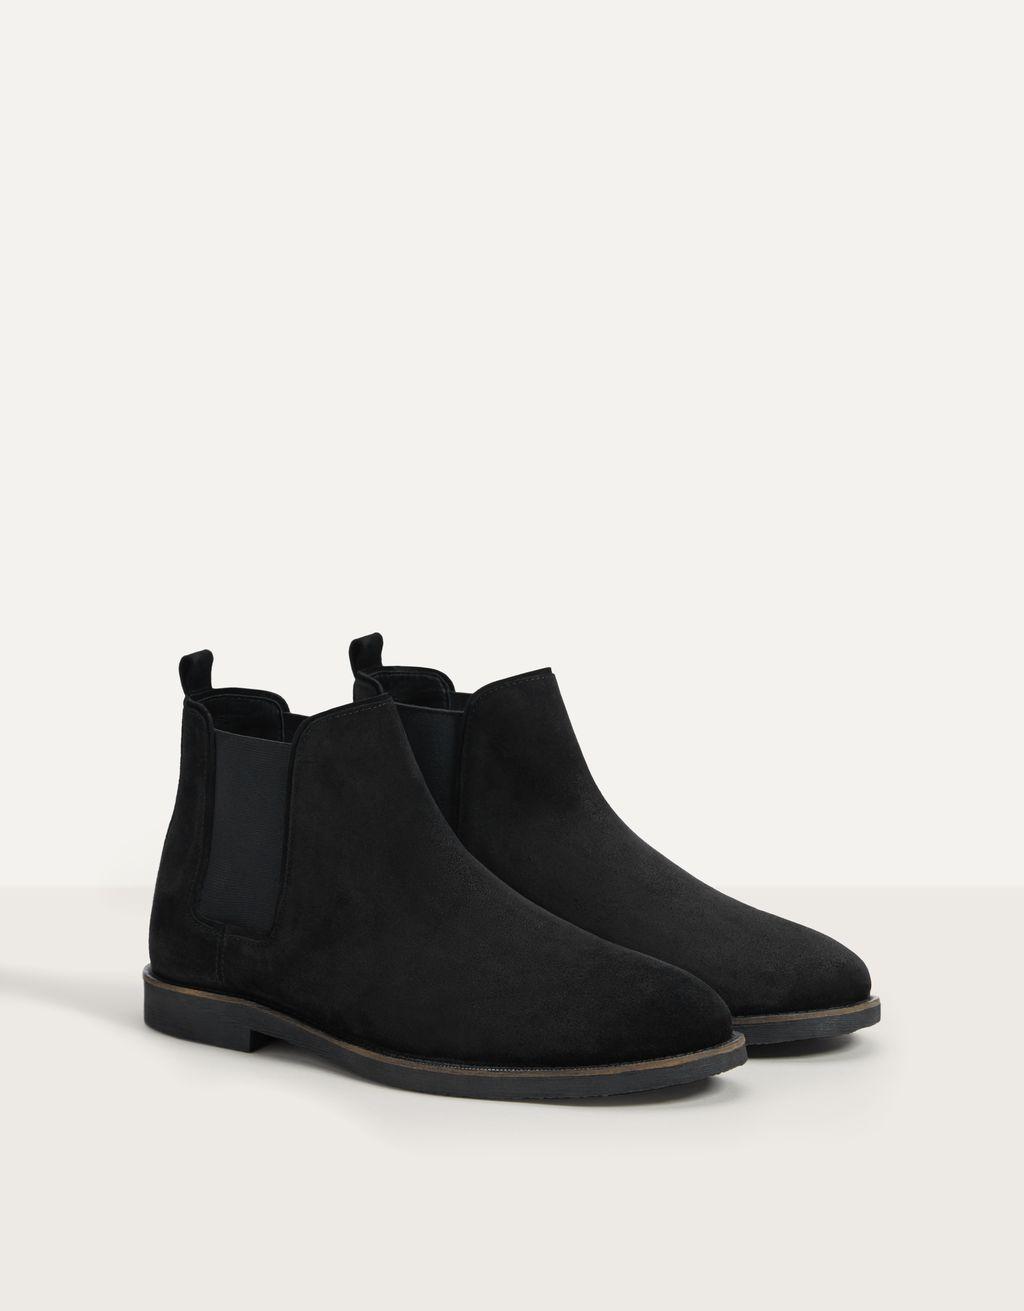 Magas szárú BŐR férfi cipő, elasztikus betéttel